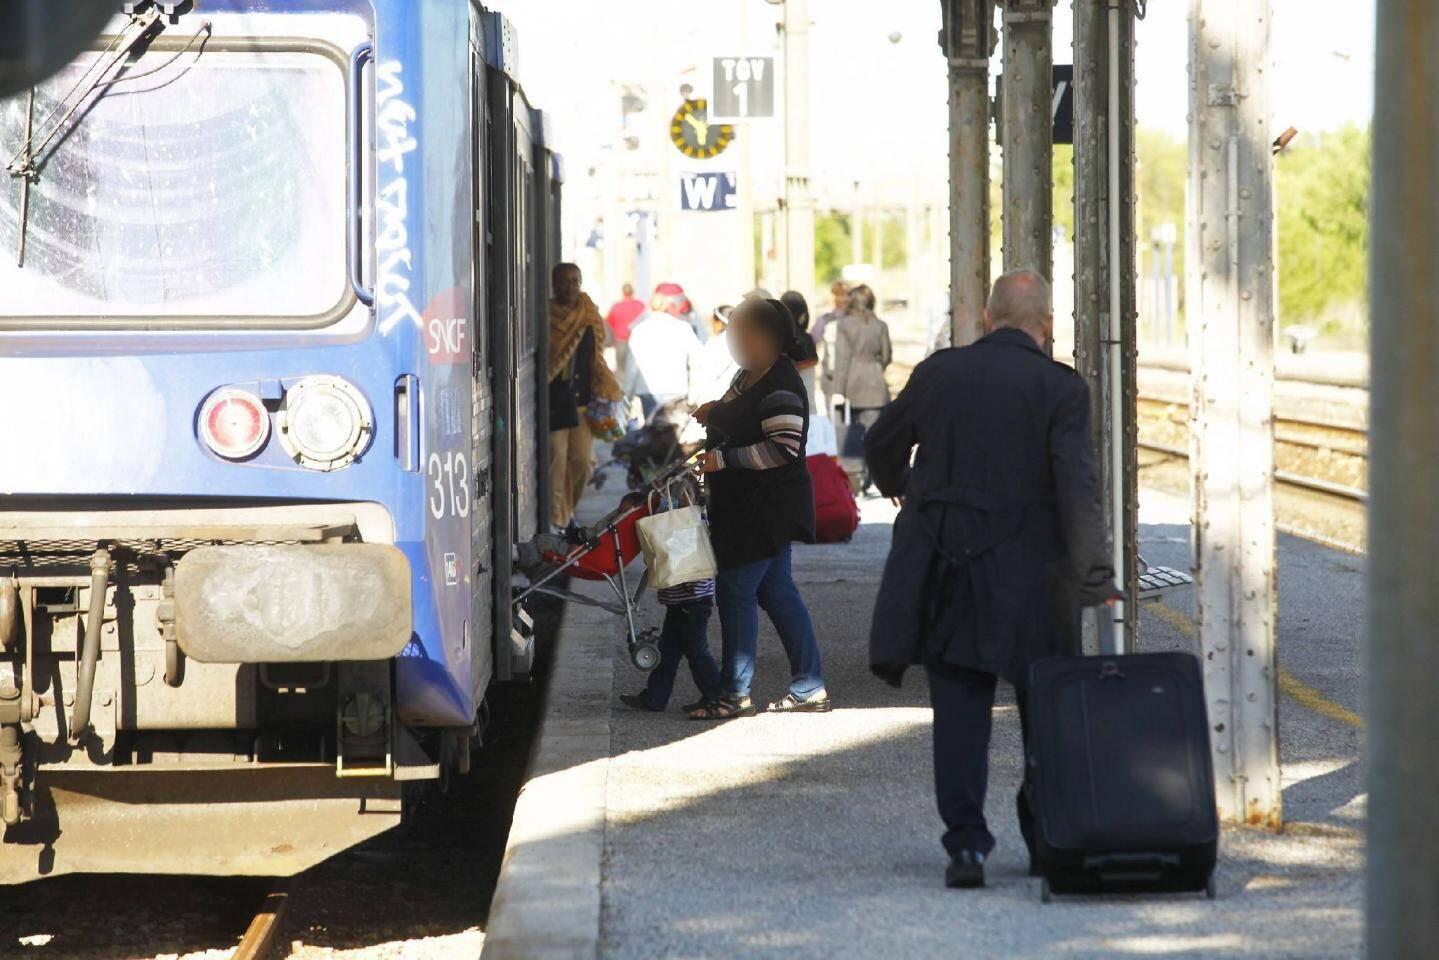 Les gendarmes font passer le véhicule des démineurs de la sécurité civile de Toulon.